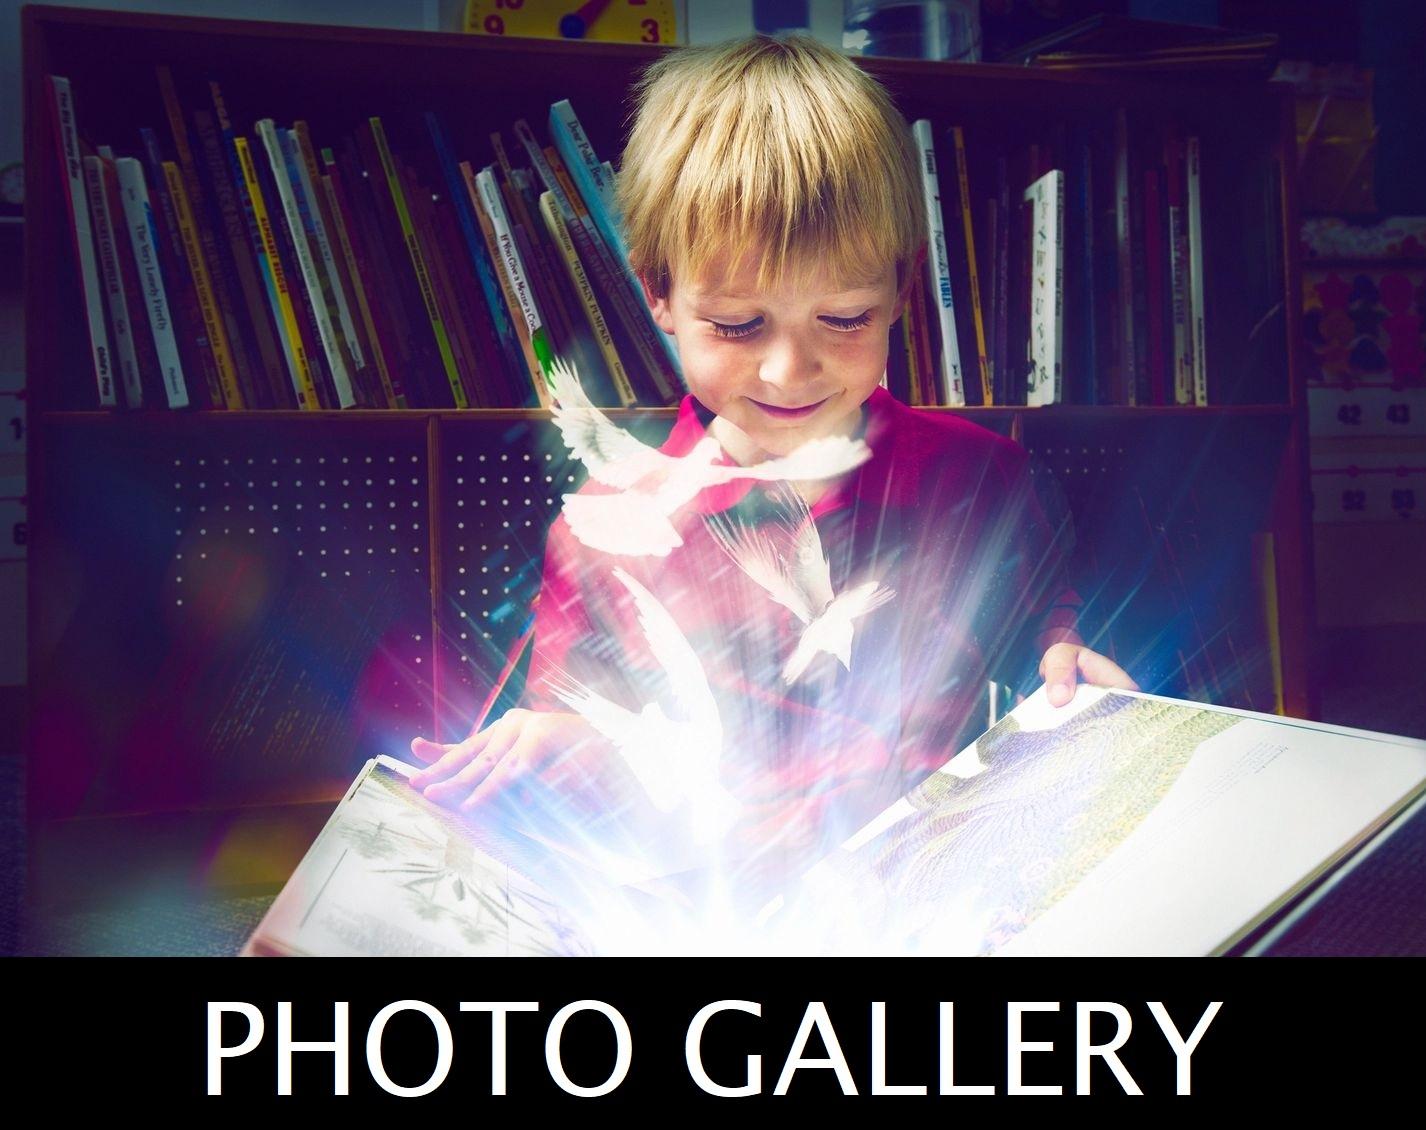 PHOTO GALLERRY